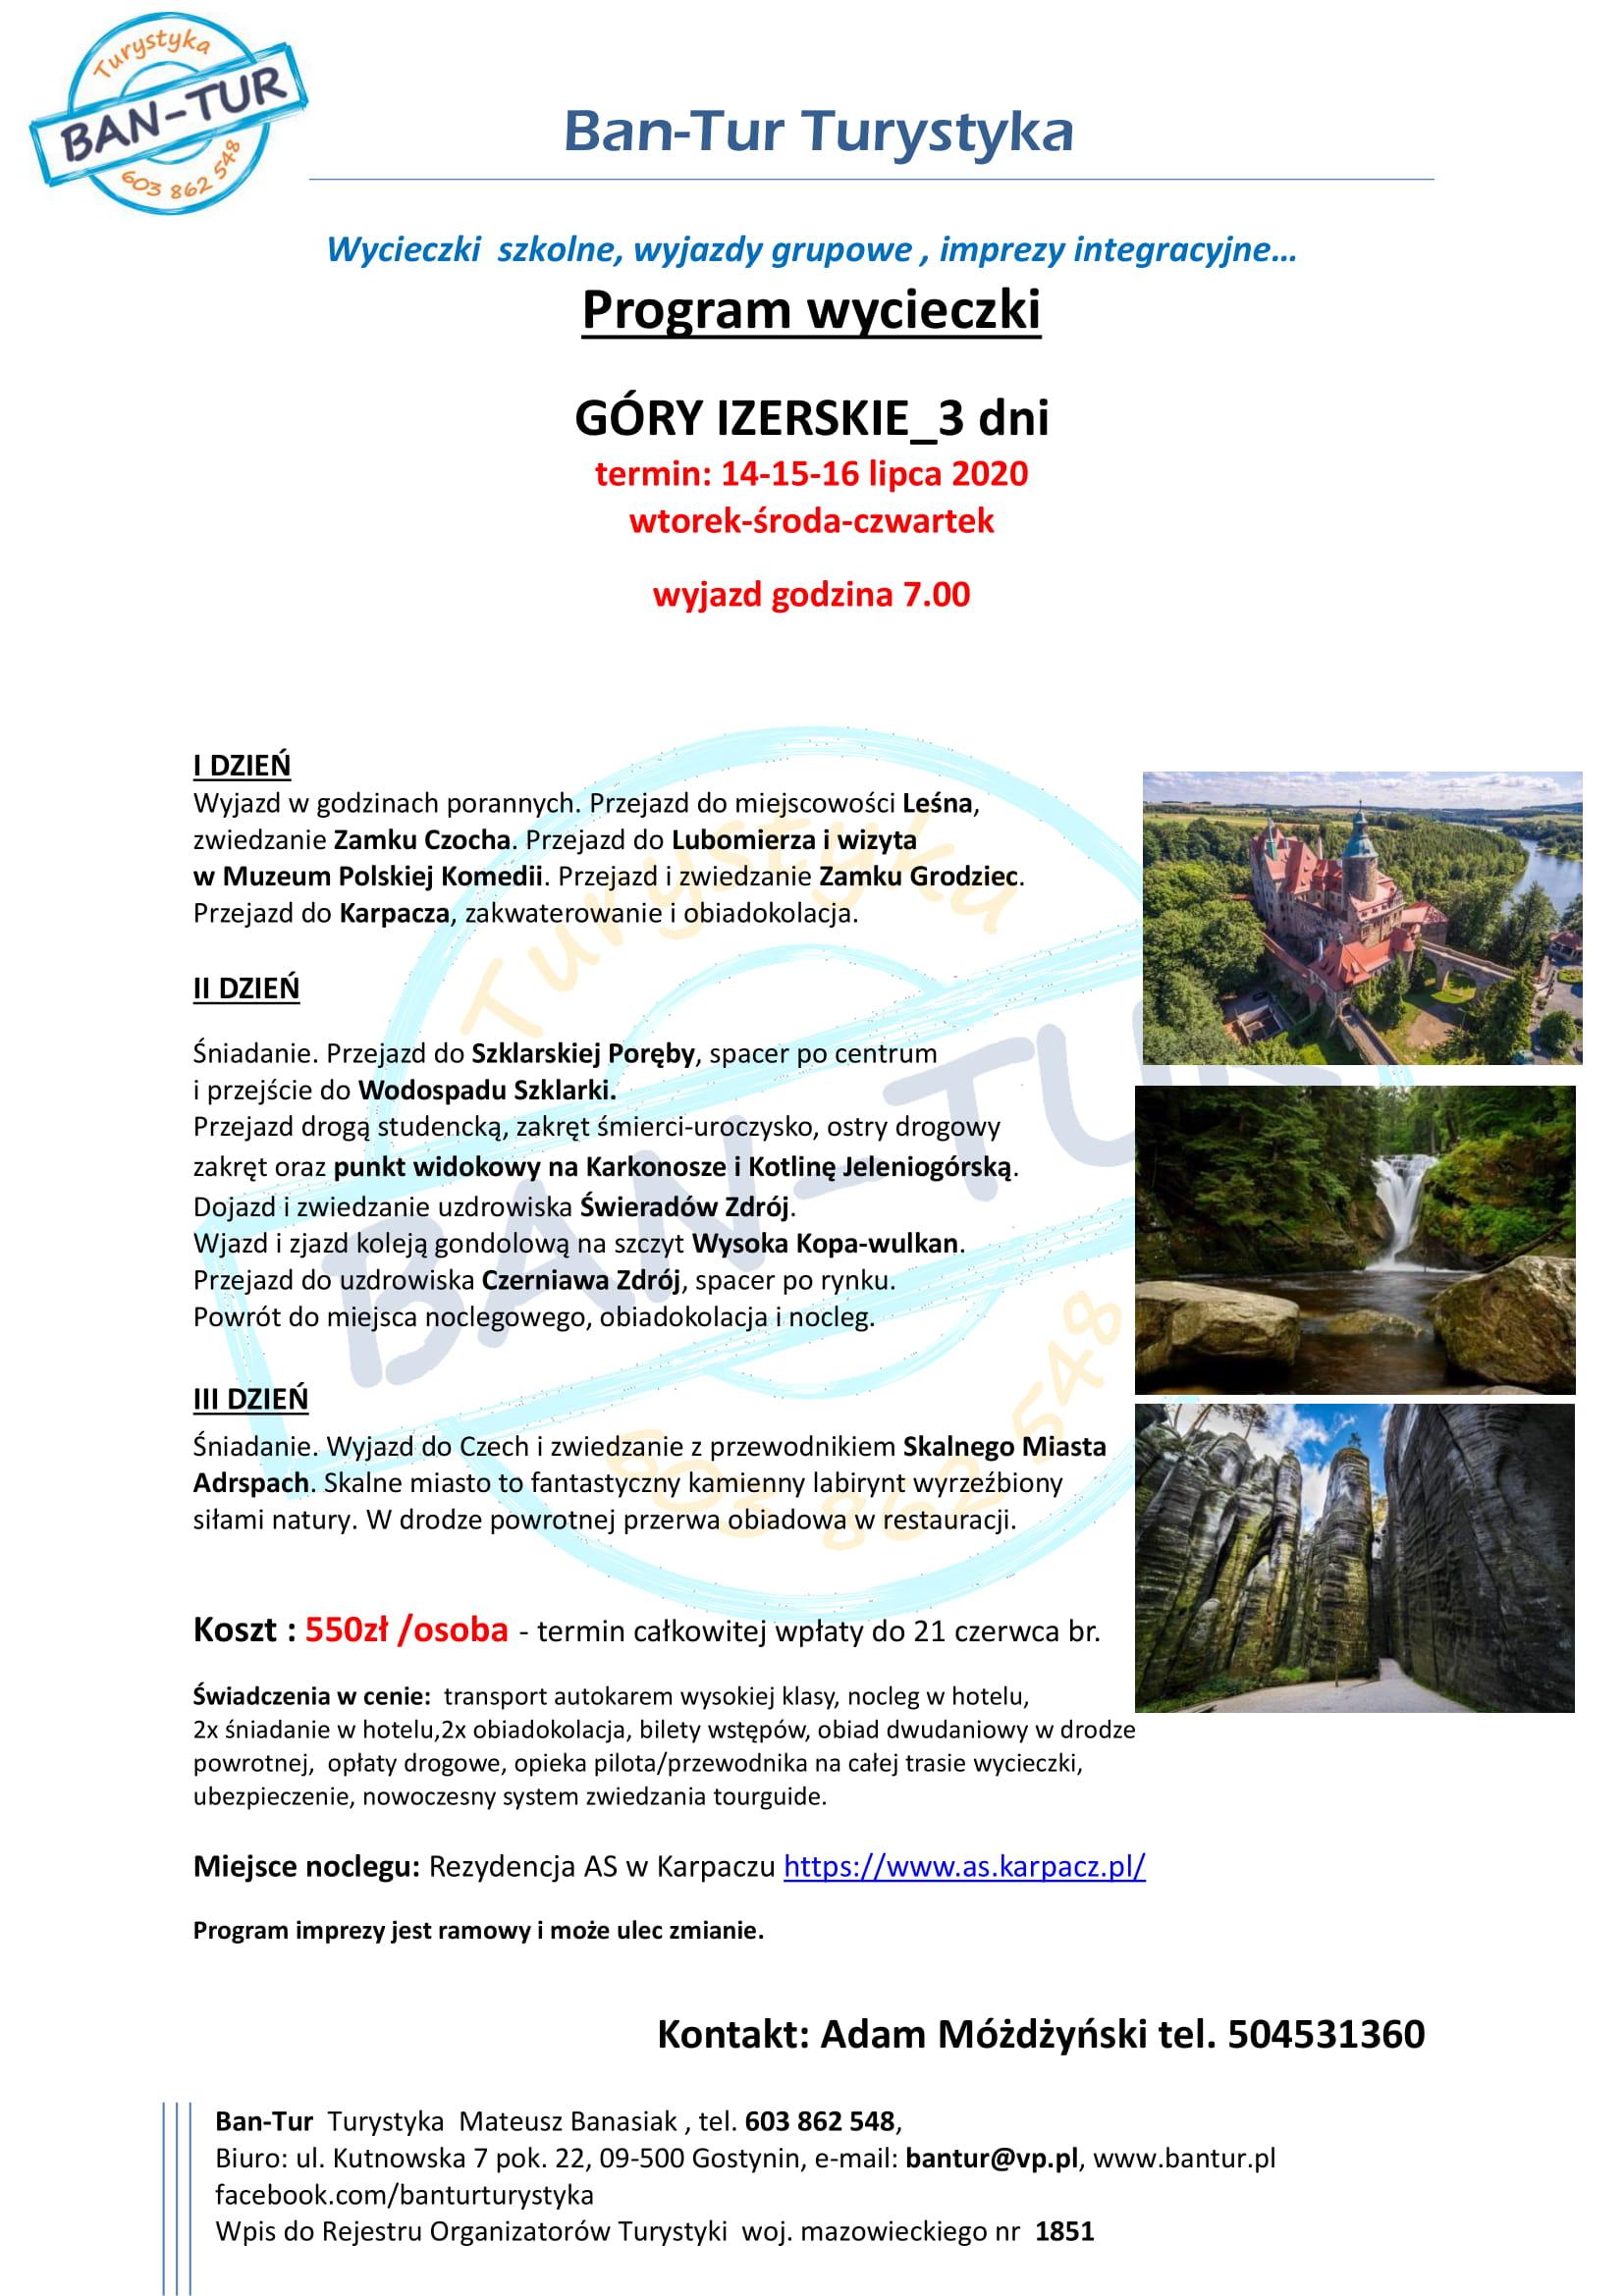 Program wycieczki Góry Izerskie